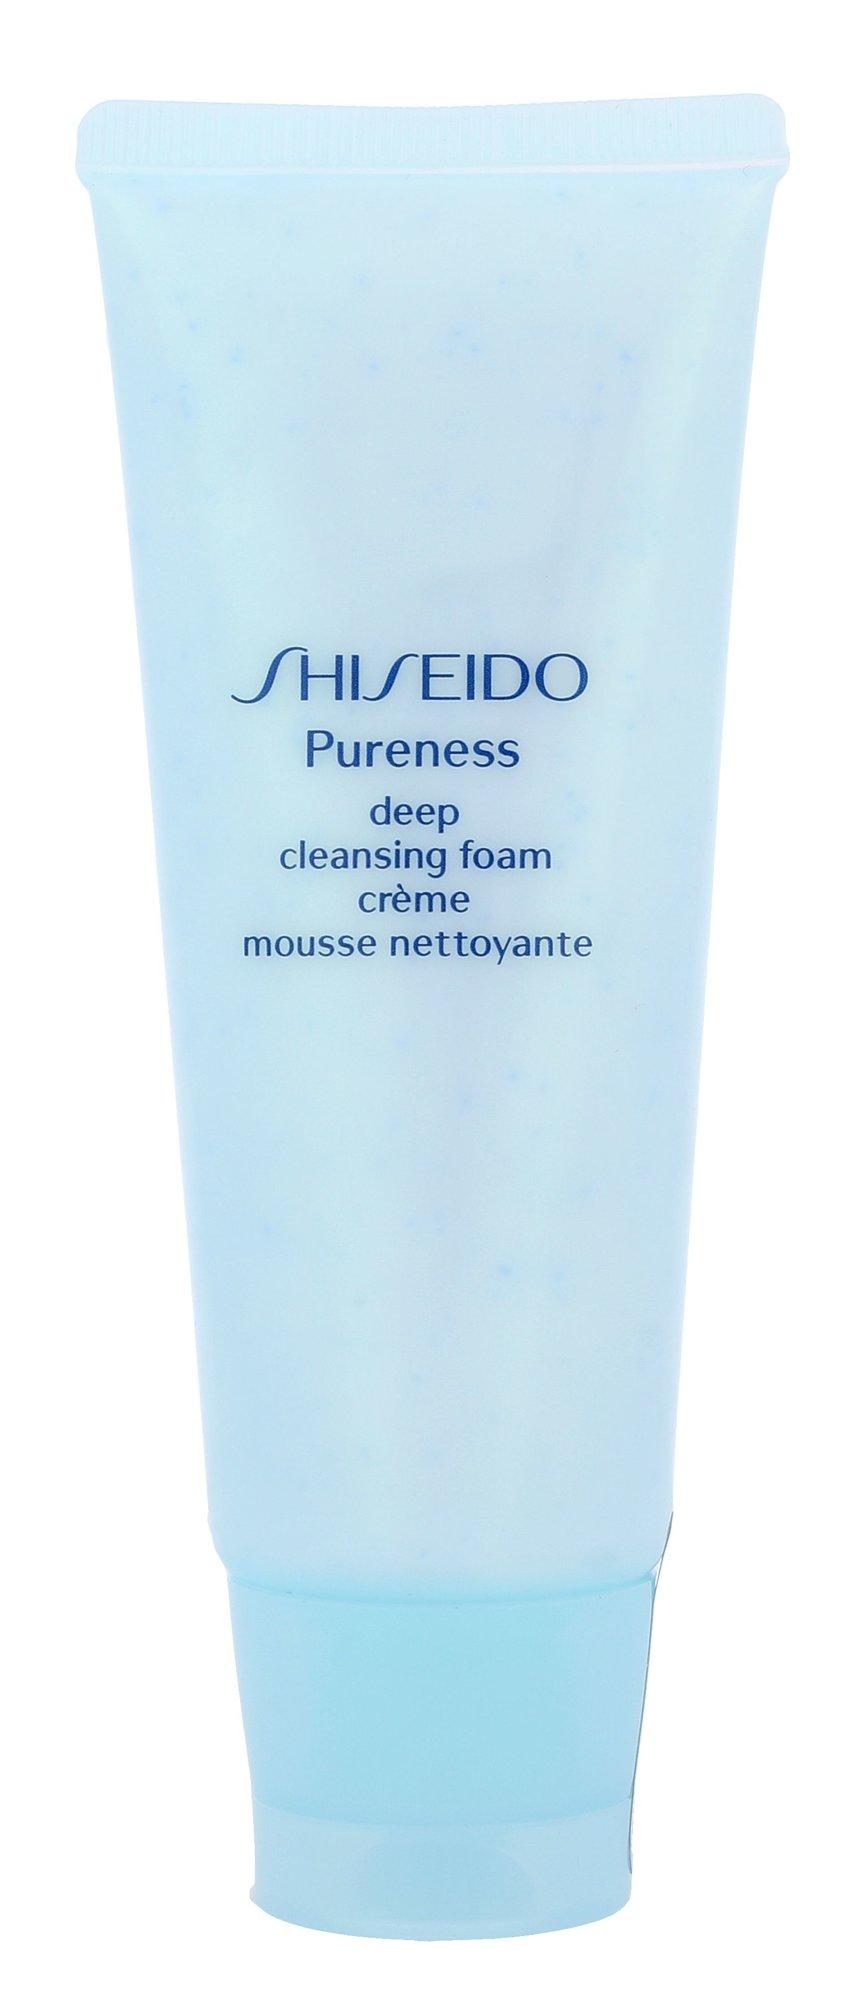 Shiseido Pureness Cosmetic 100ml